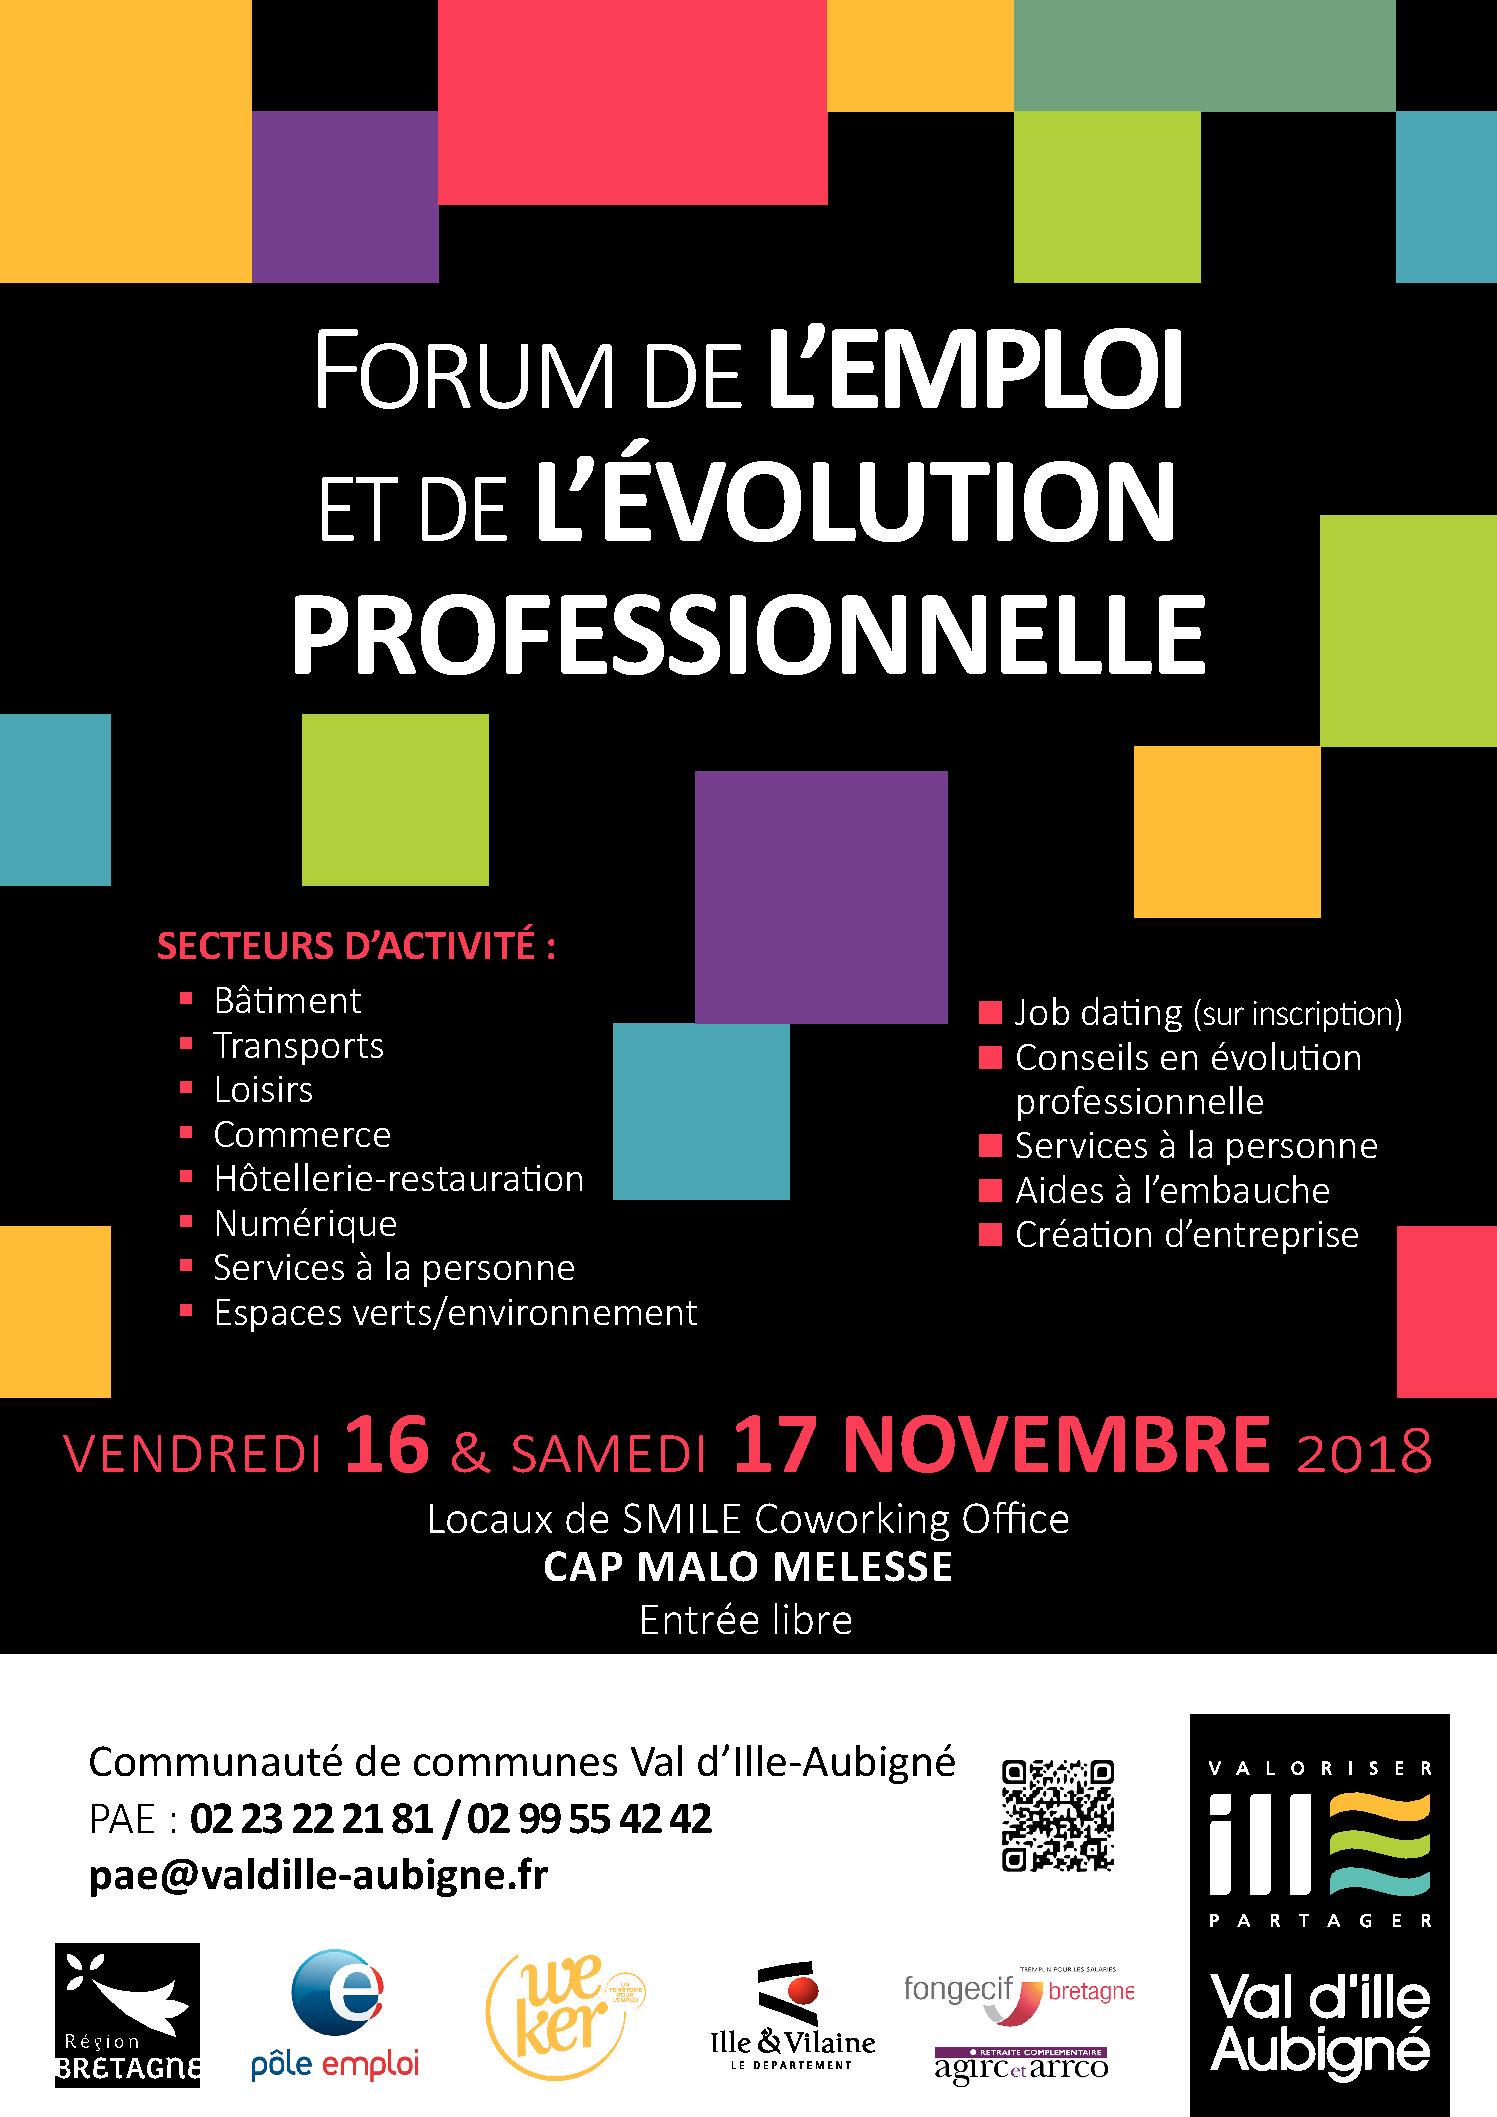 Forum de l'Emploi et de l'Evolution professionnelle